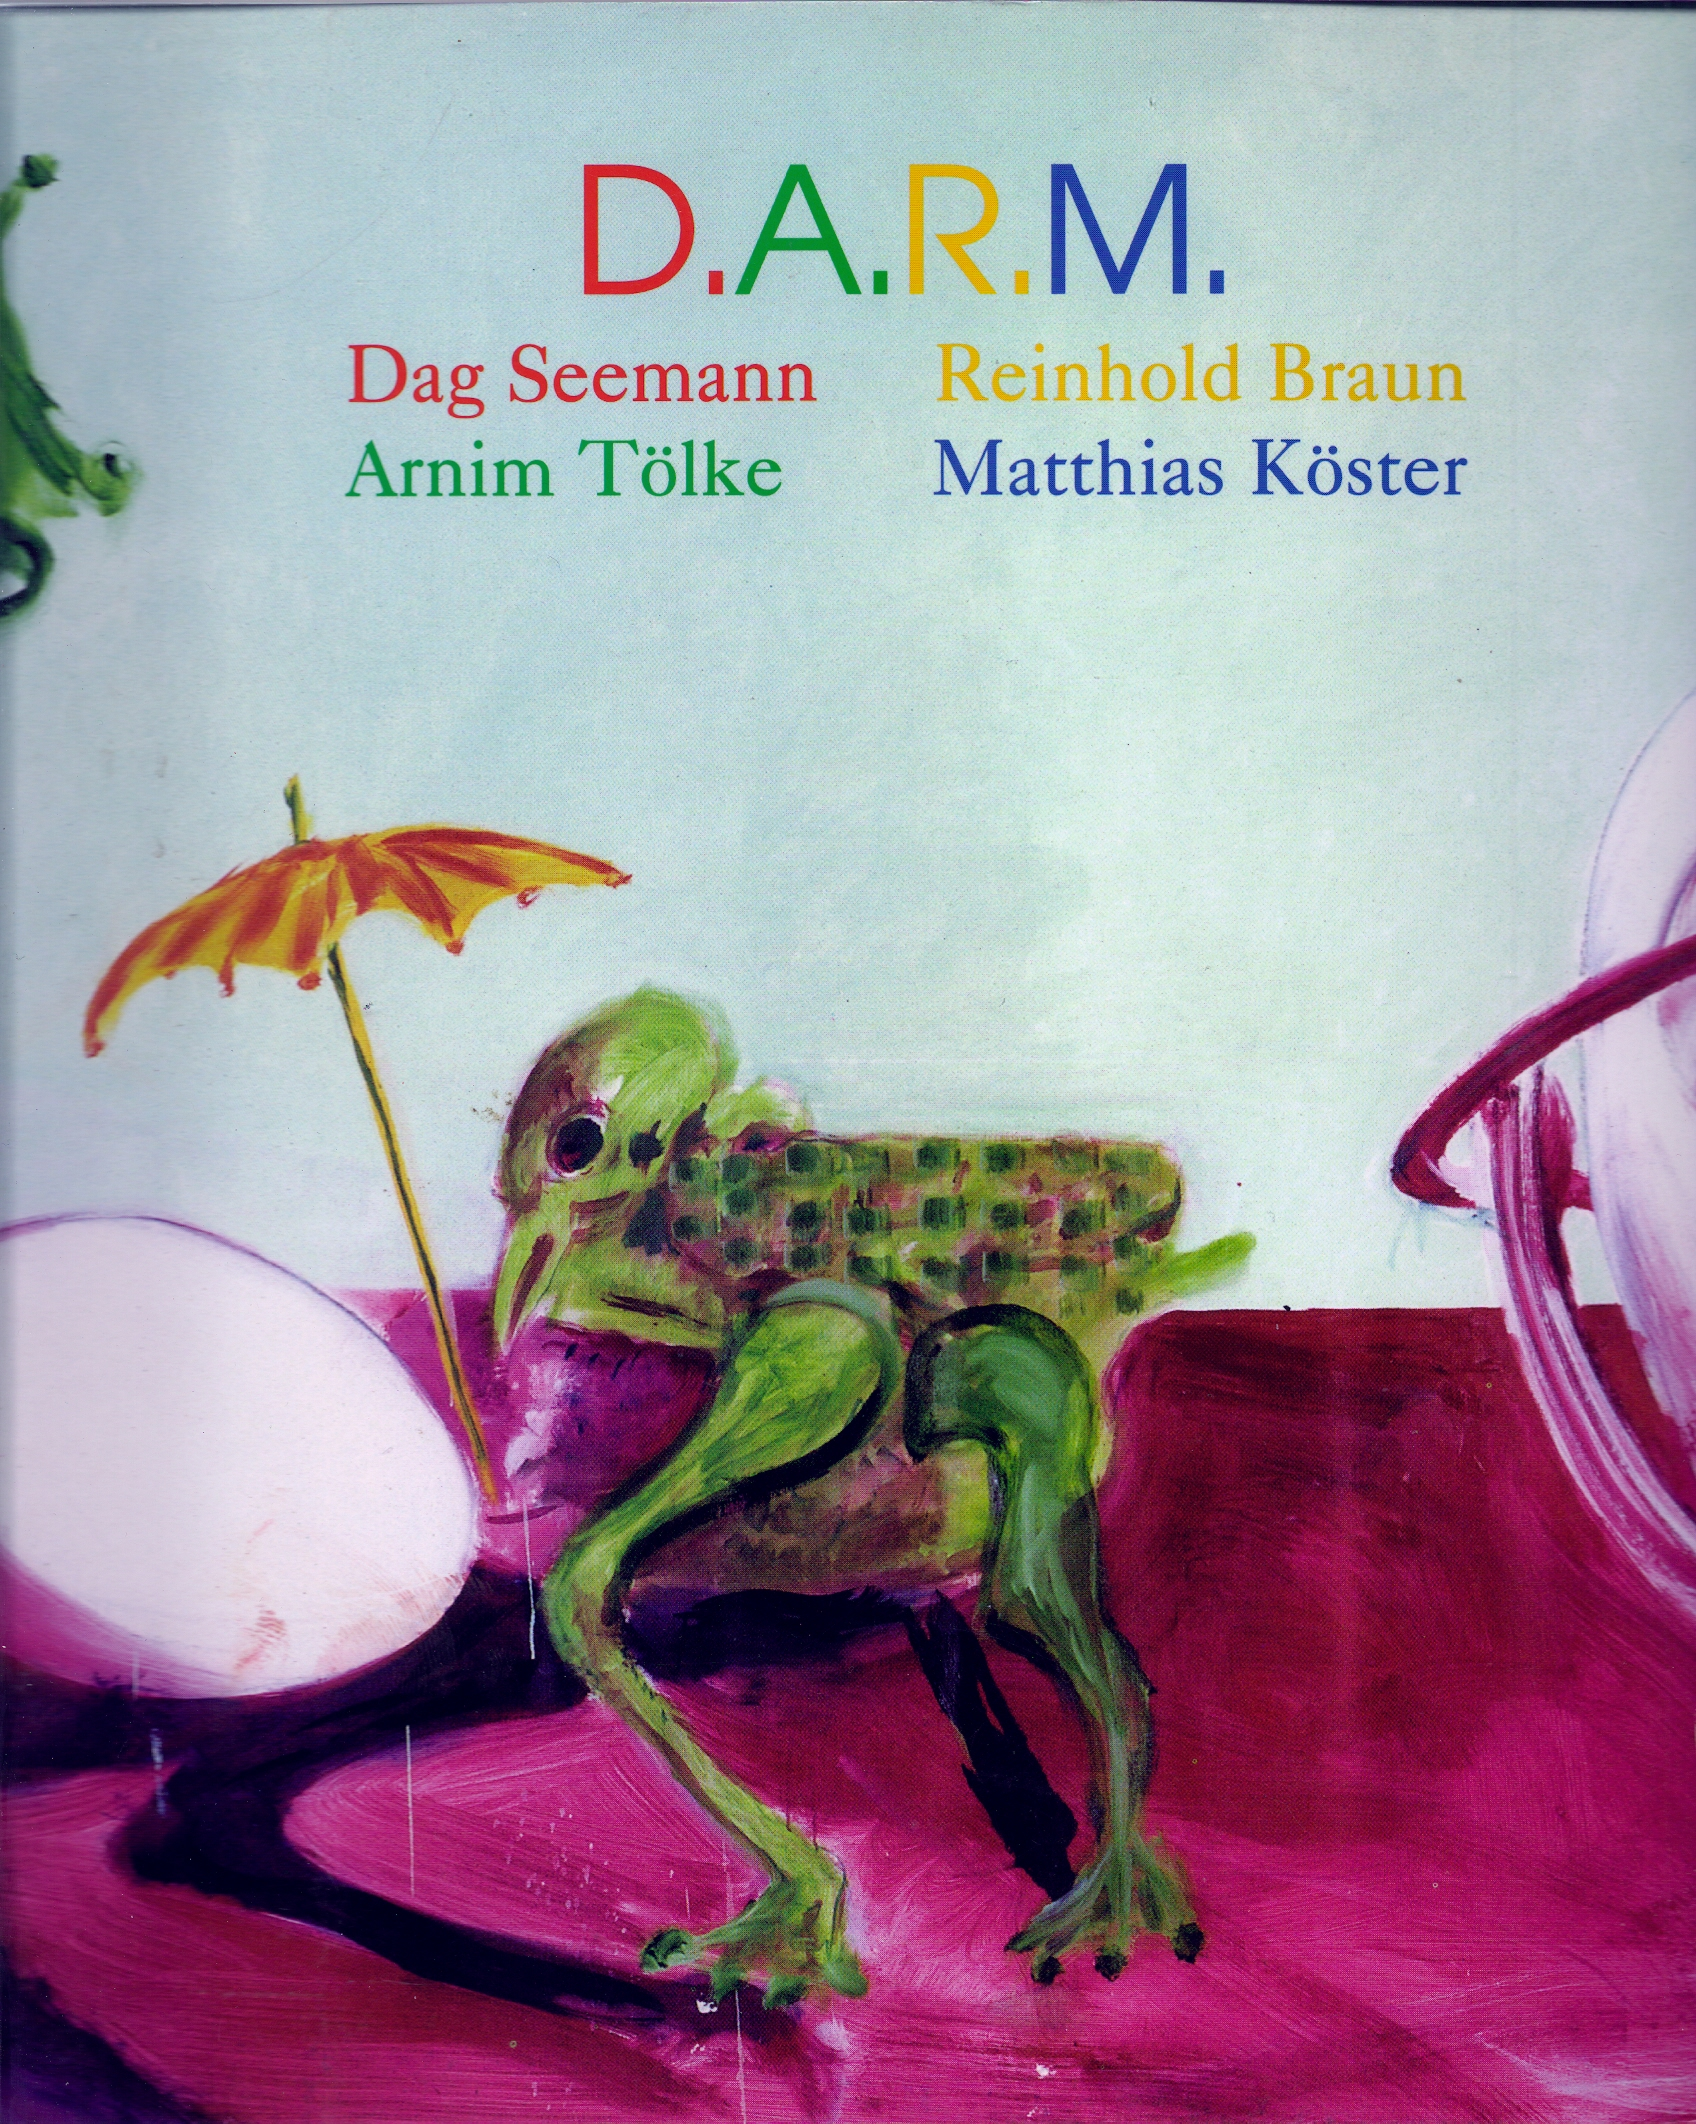 D.A.R.M, 2000